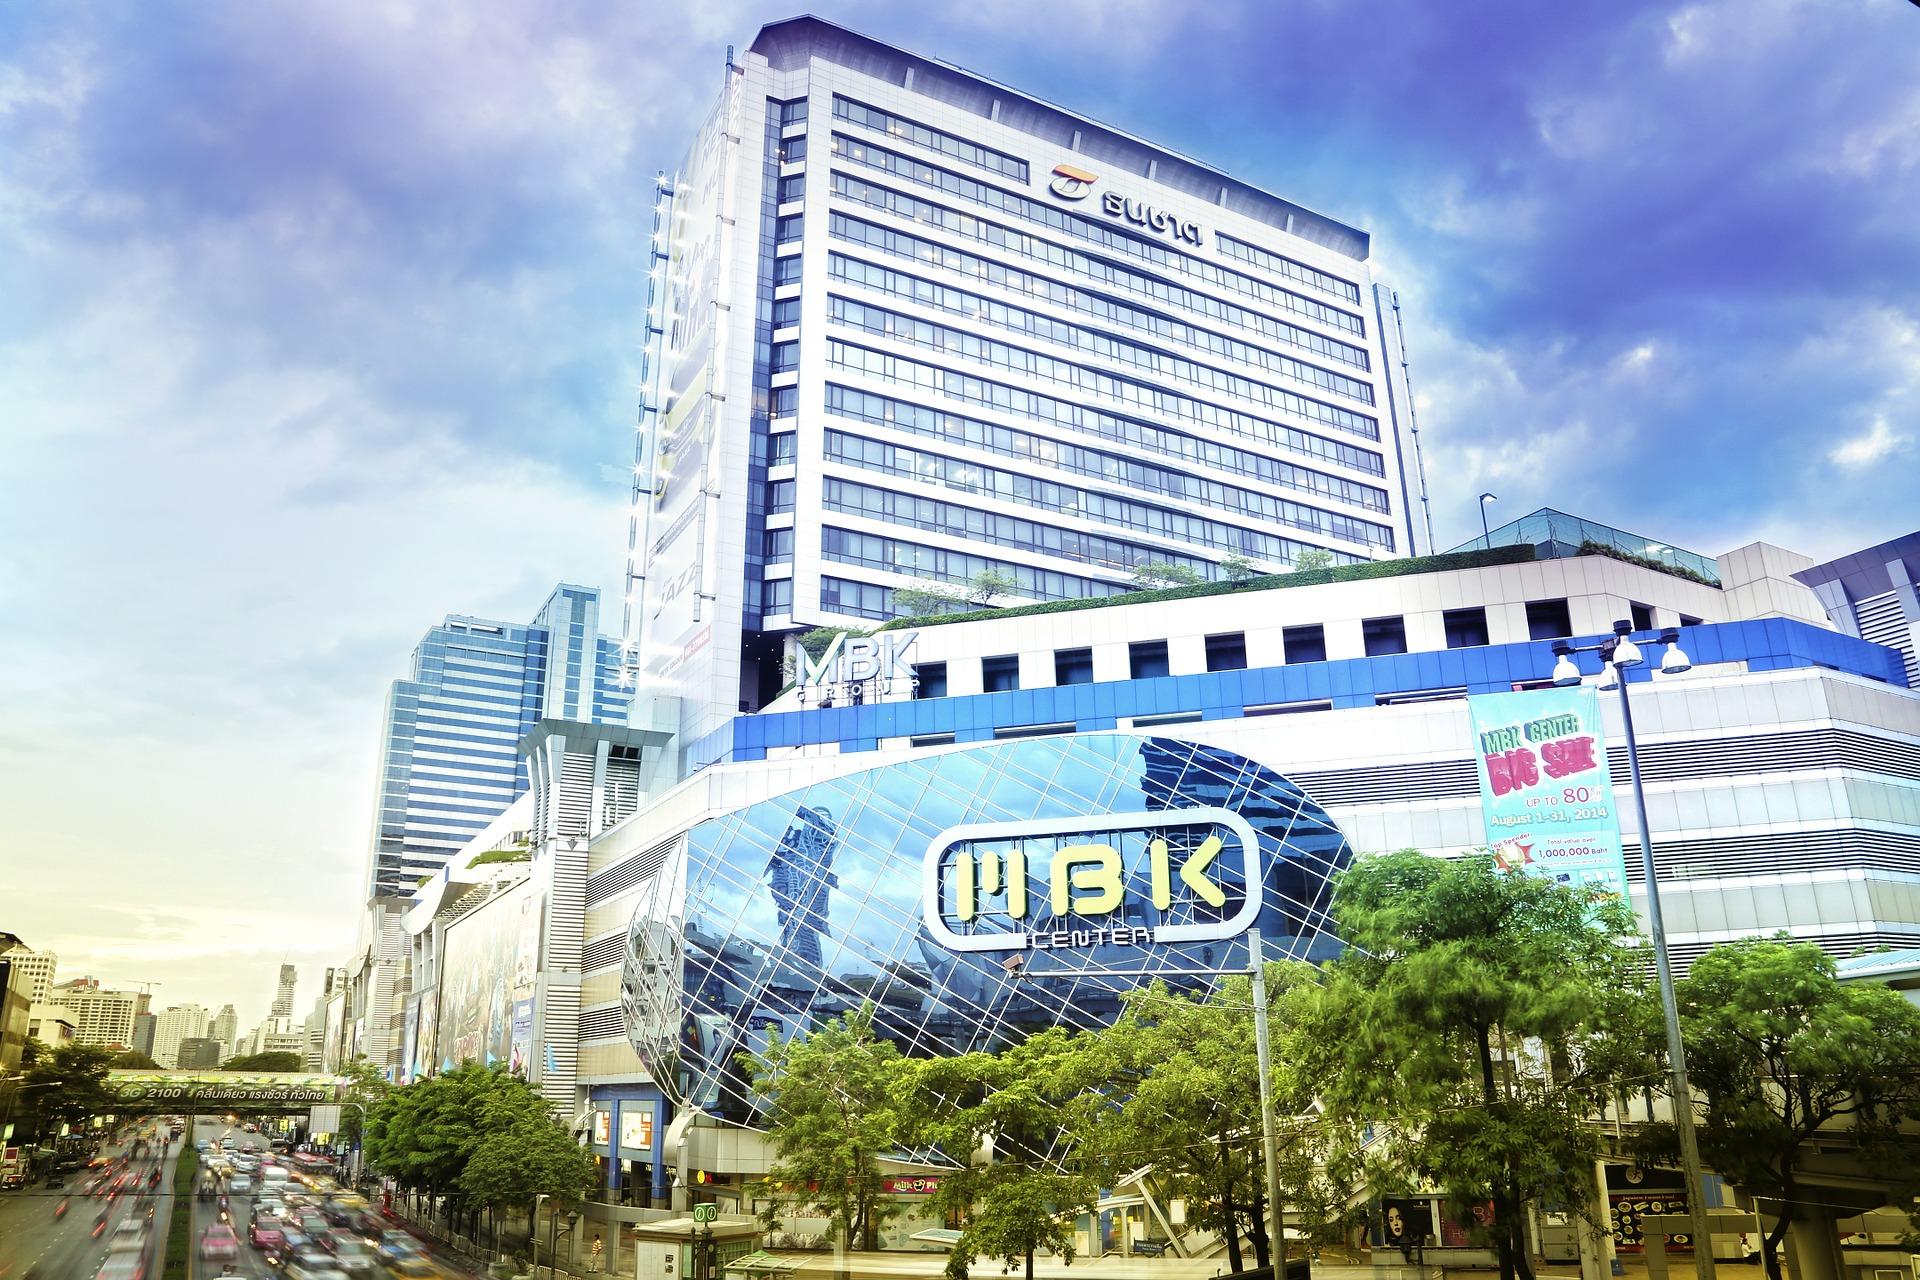 things I love about bangkok